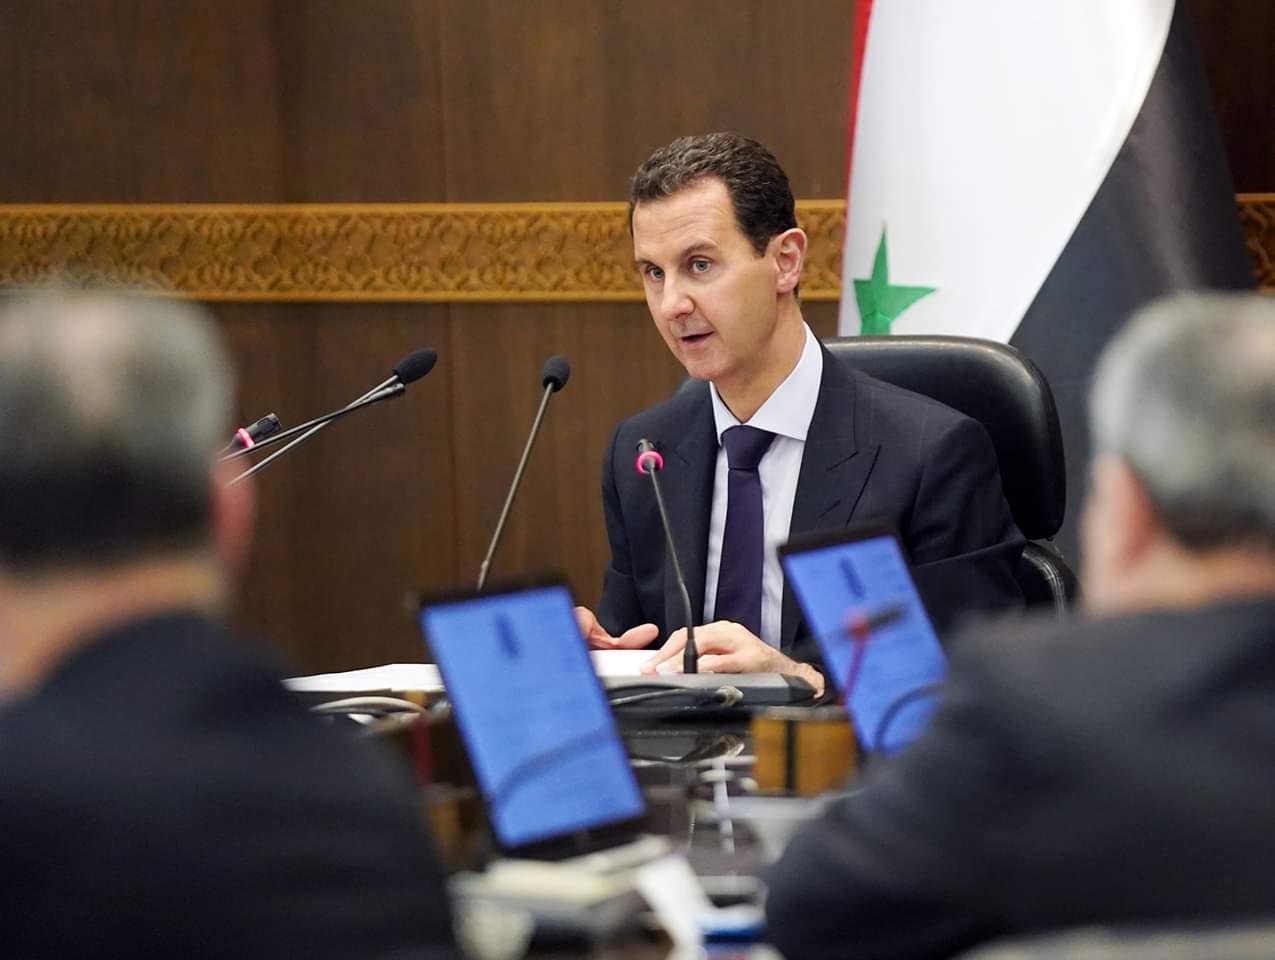 Photo of الأسد يوصي الحكومة بالشفافية وتزويد المواطن بالمعلومات لتعزيز التواصل